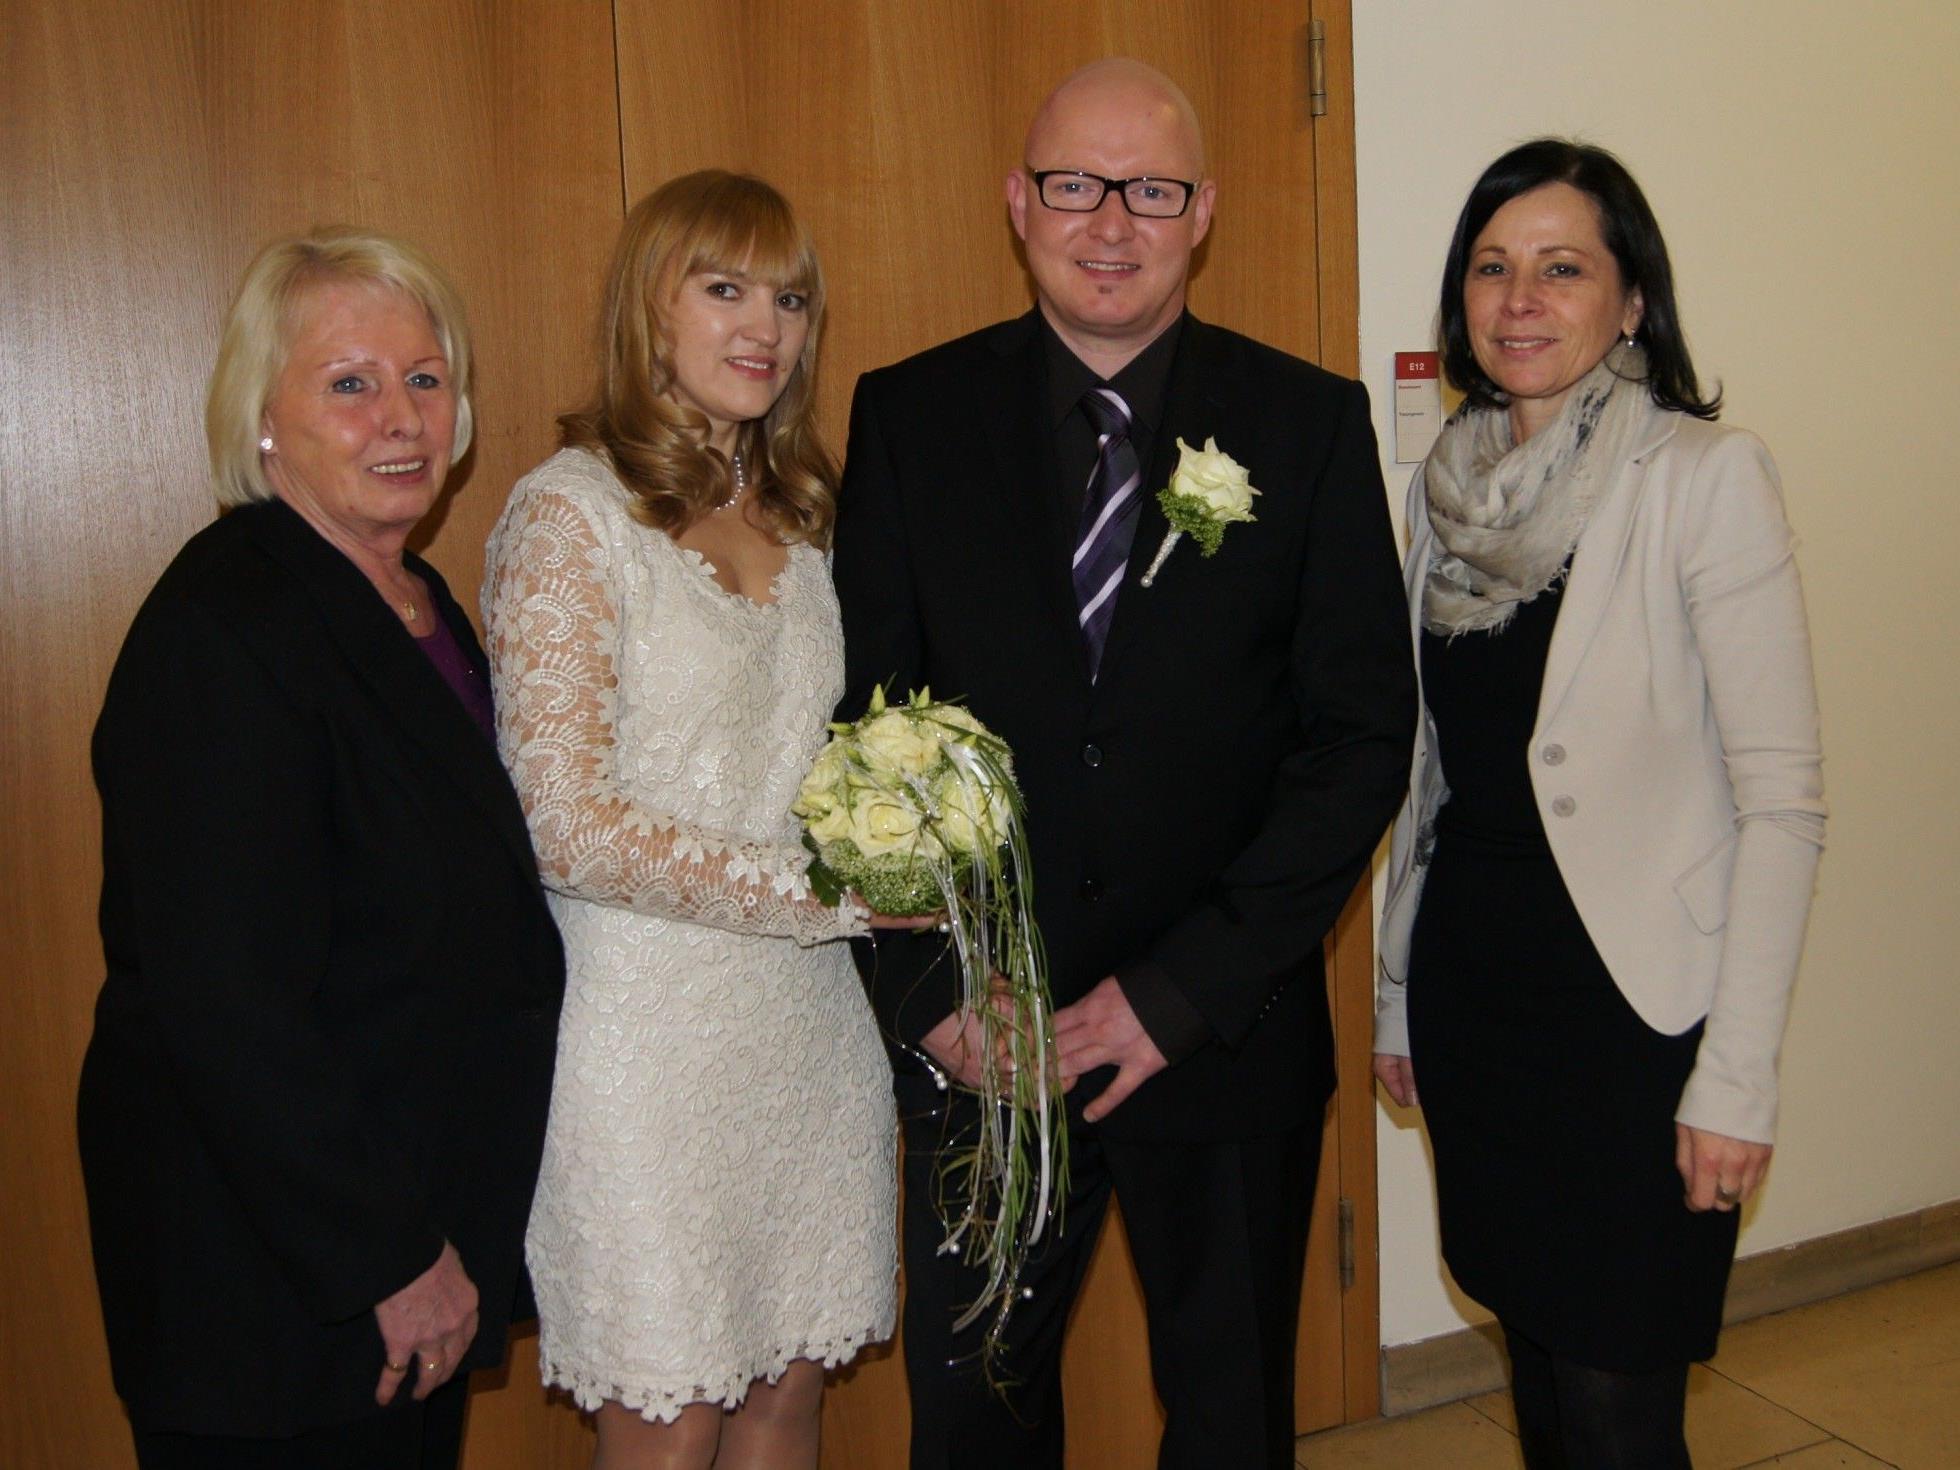 Das Brautpaar mit den Trauzeugen